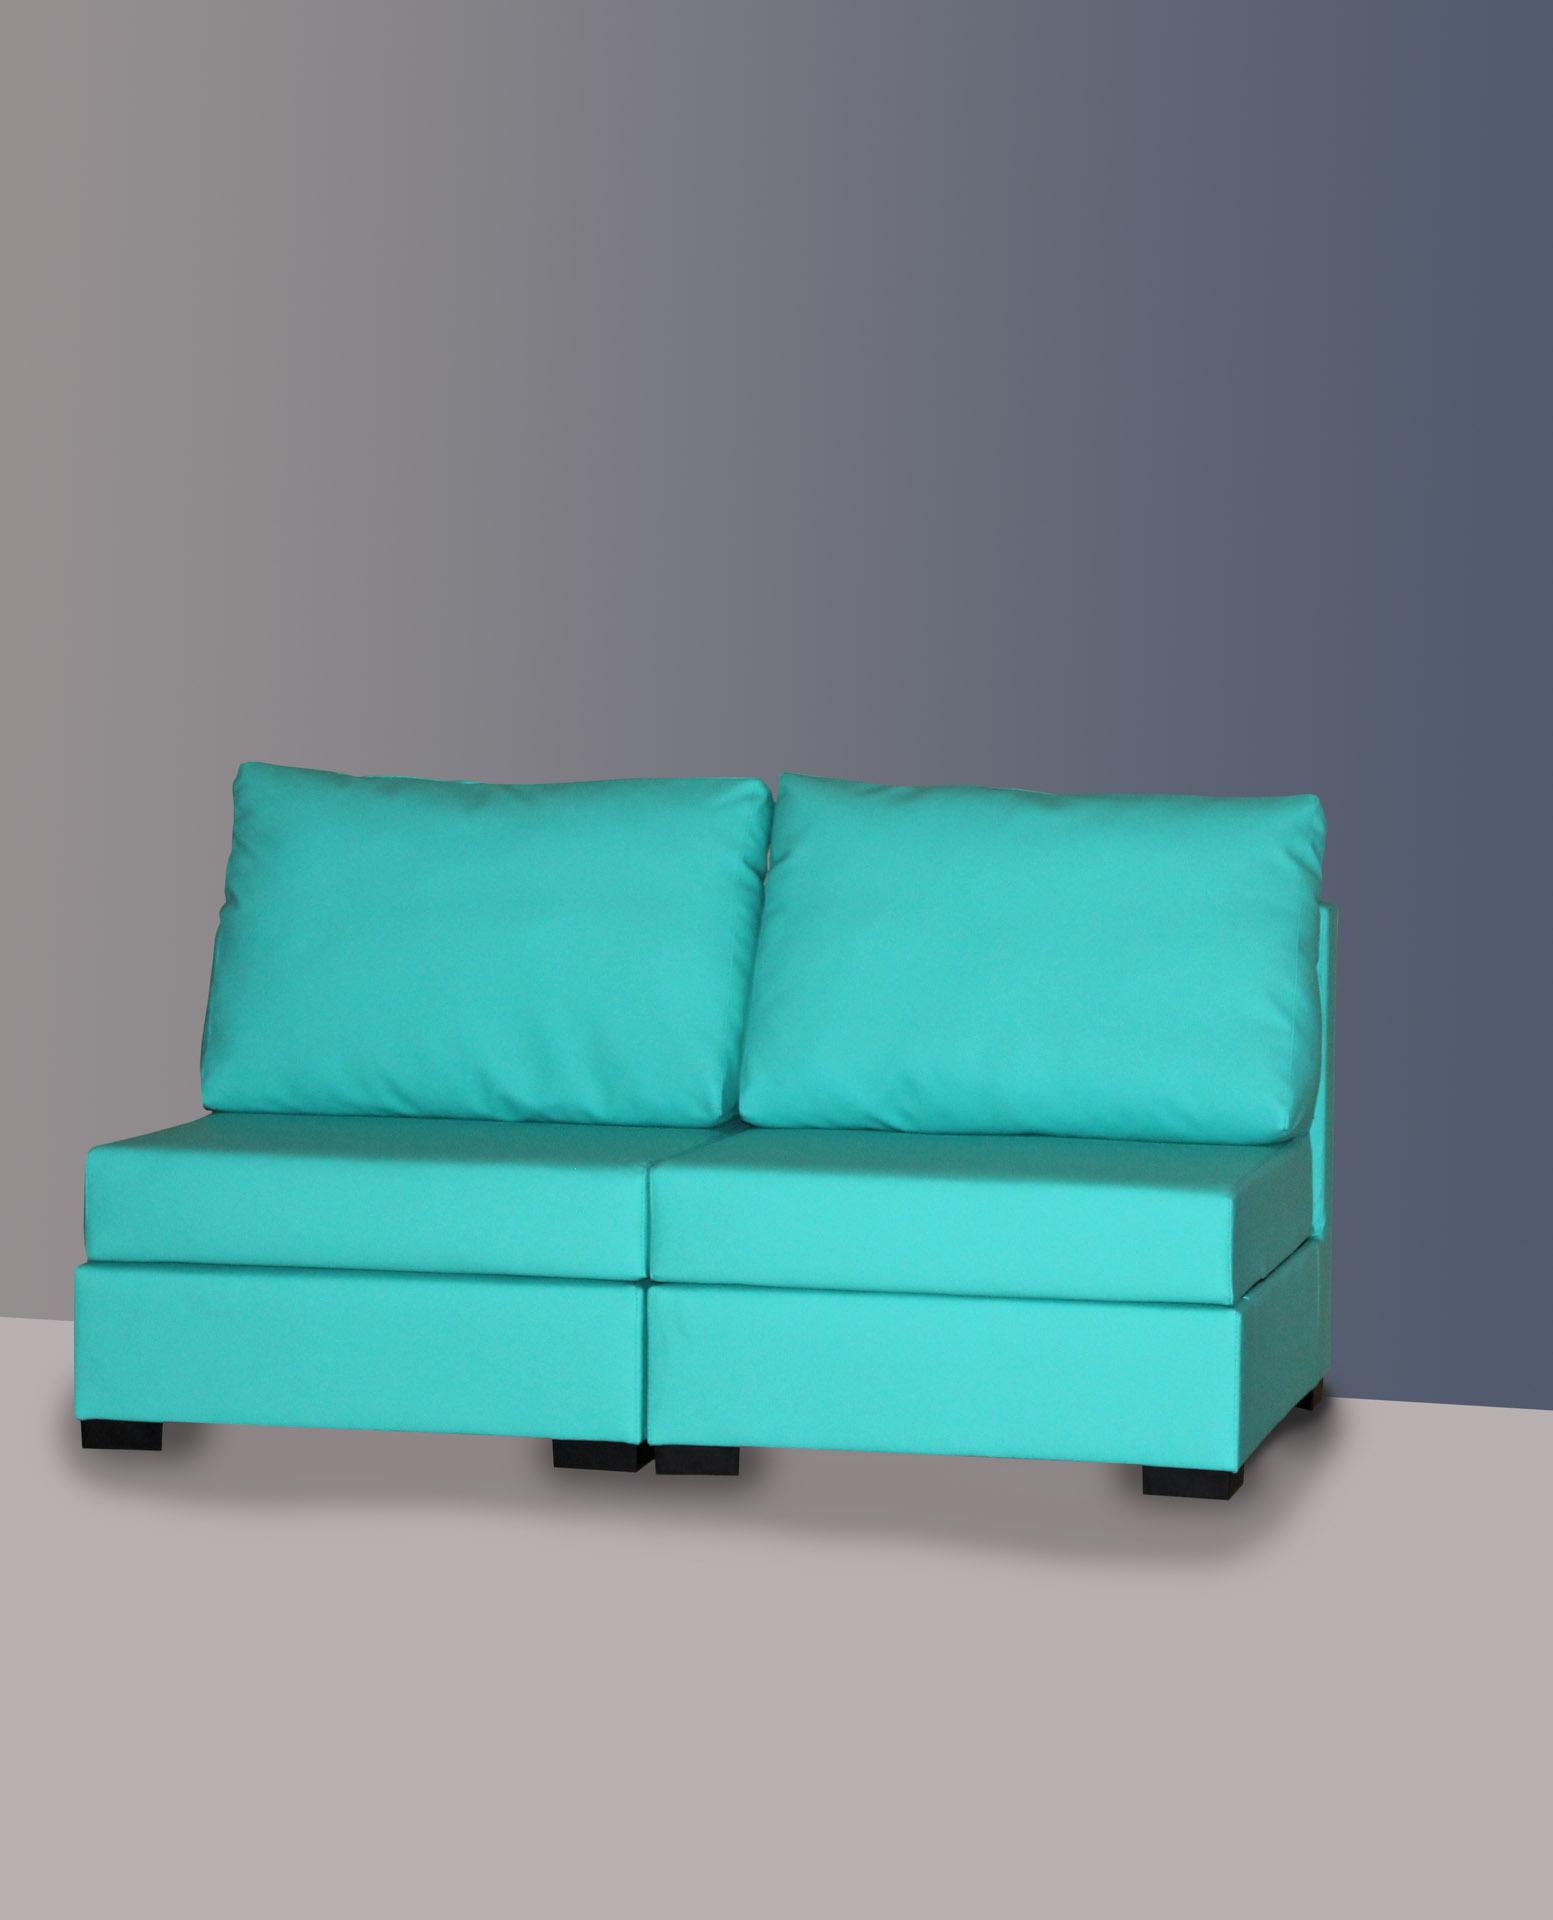 Sofás para geriátricos y residencias de diseño sencillo